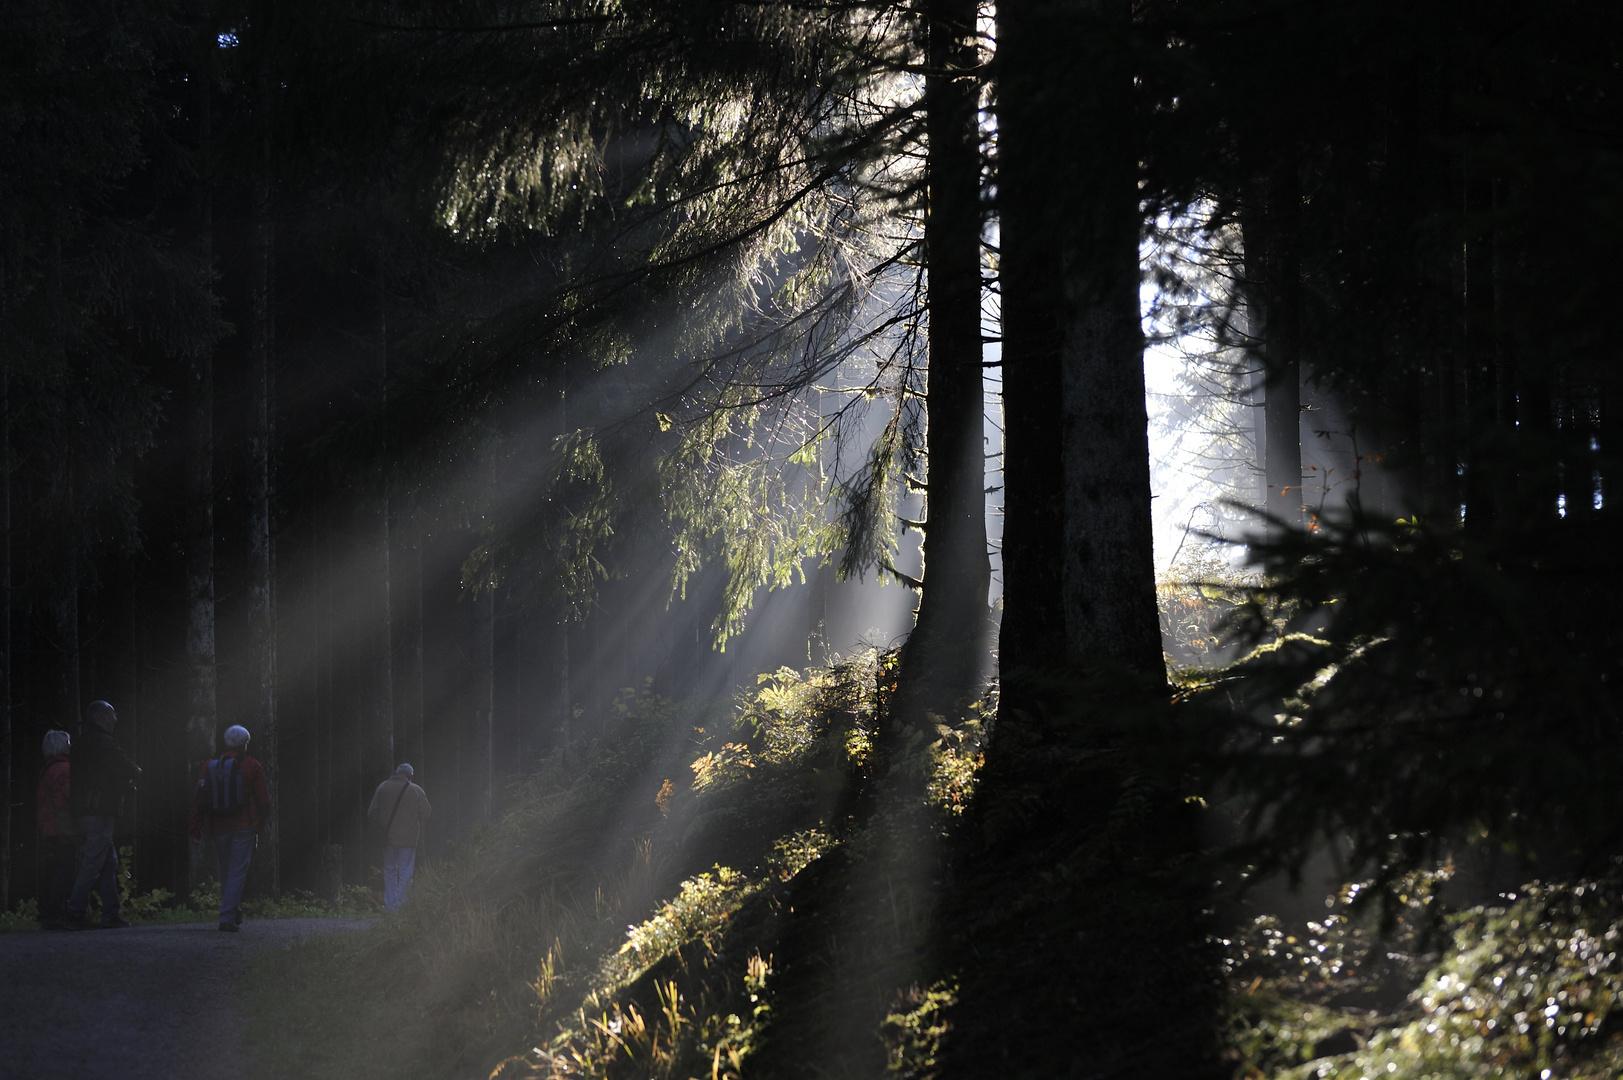 Nebel-Gestalten